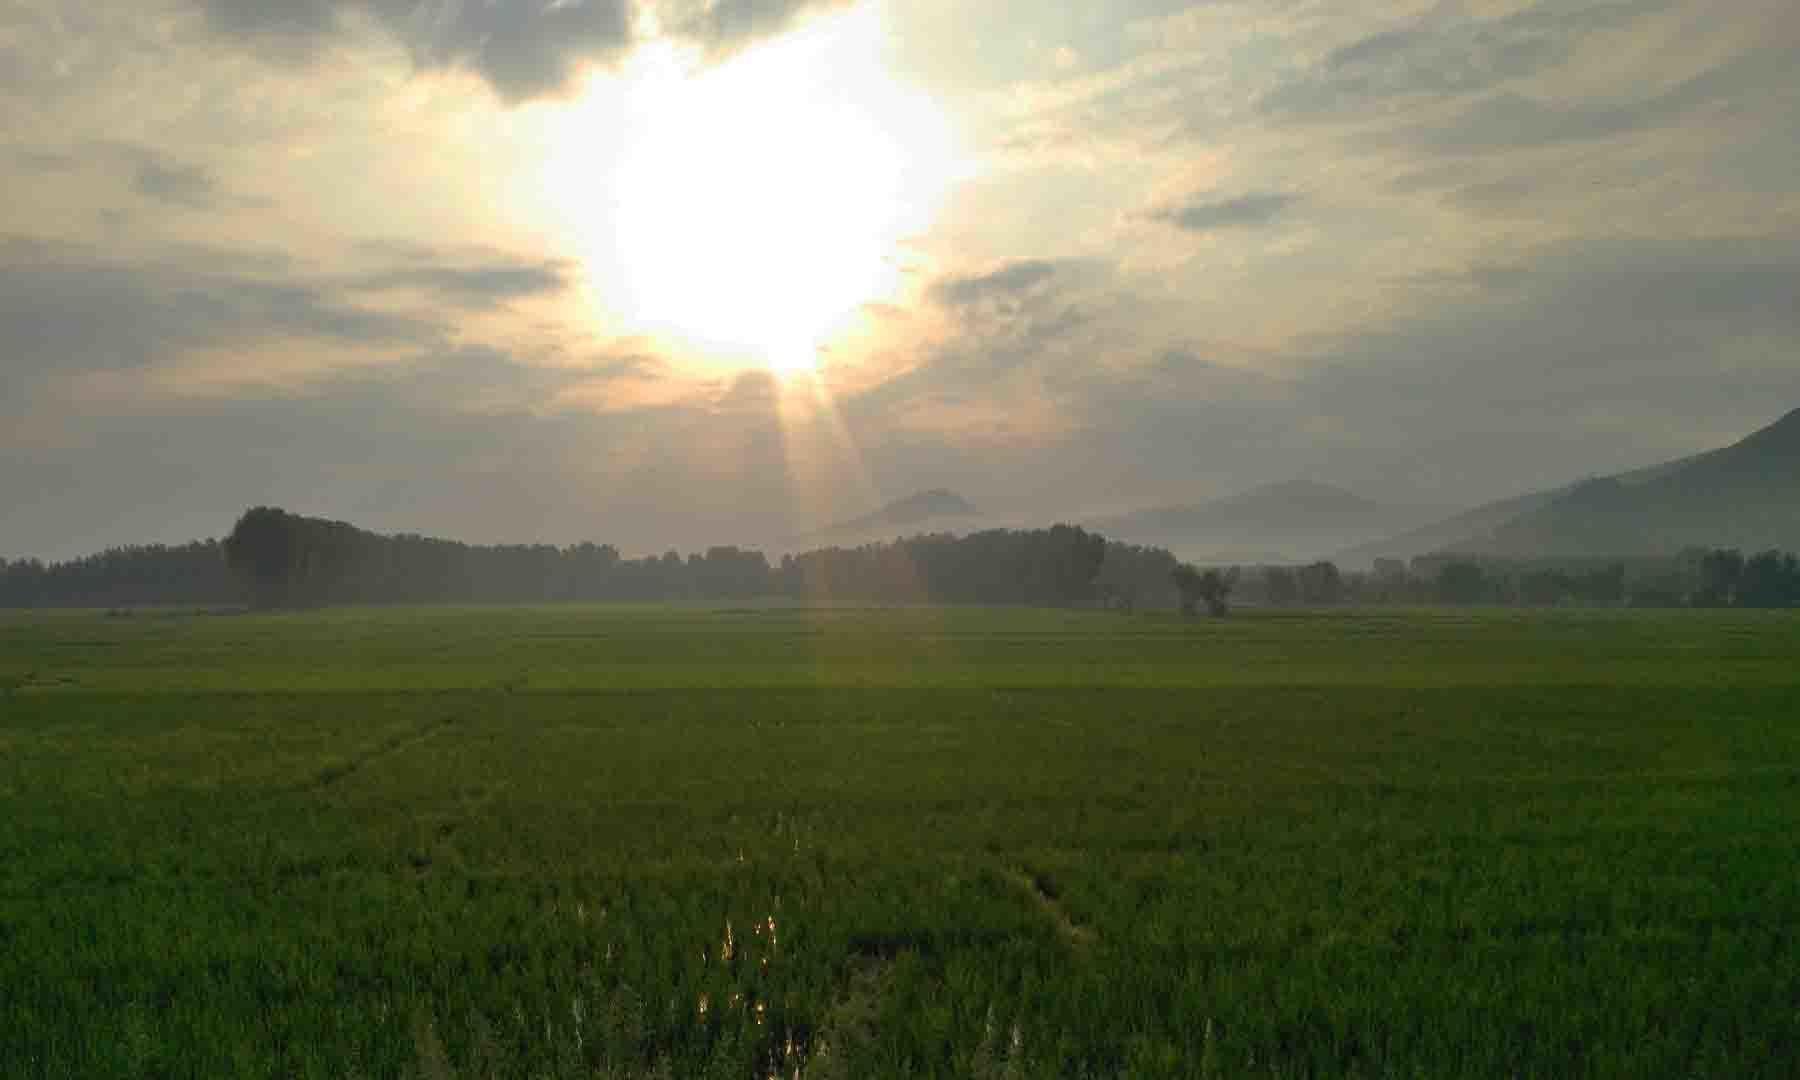 سوات ایکسپریس وے اور طلوع آفتاب—عظمت اکبر